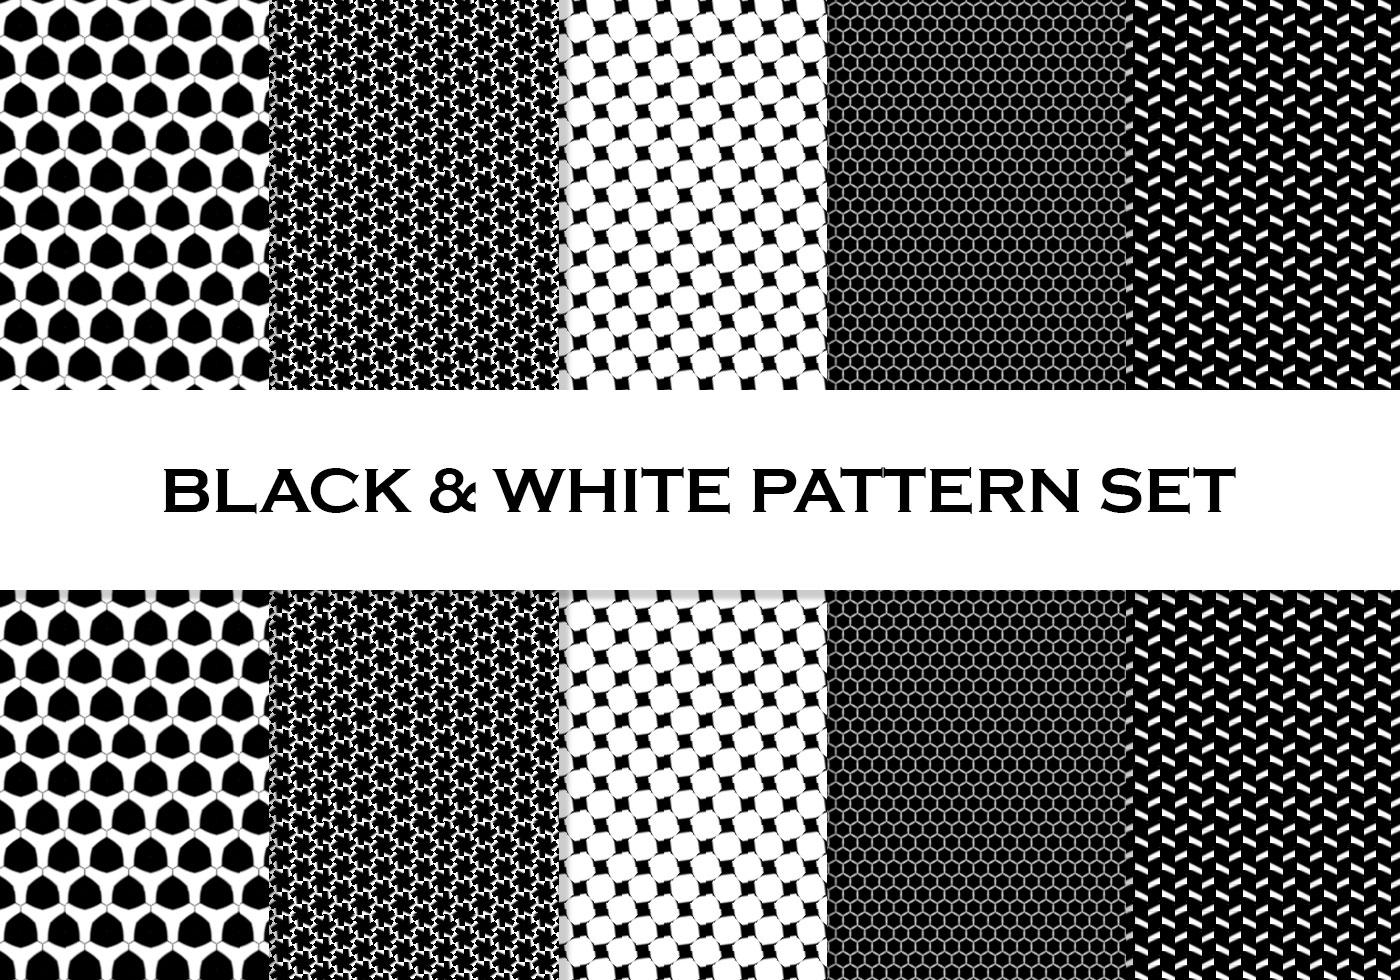 free black white tiled all over patterns. Black Bedroom Furniture Sets. Home Design Ideas